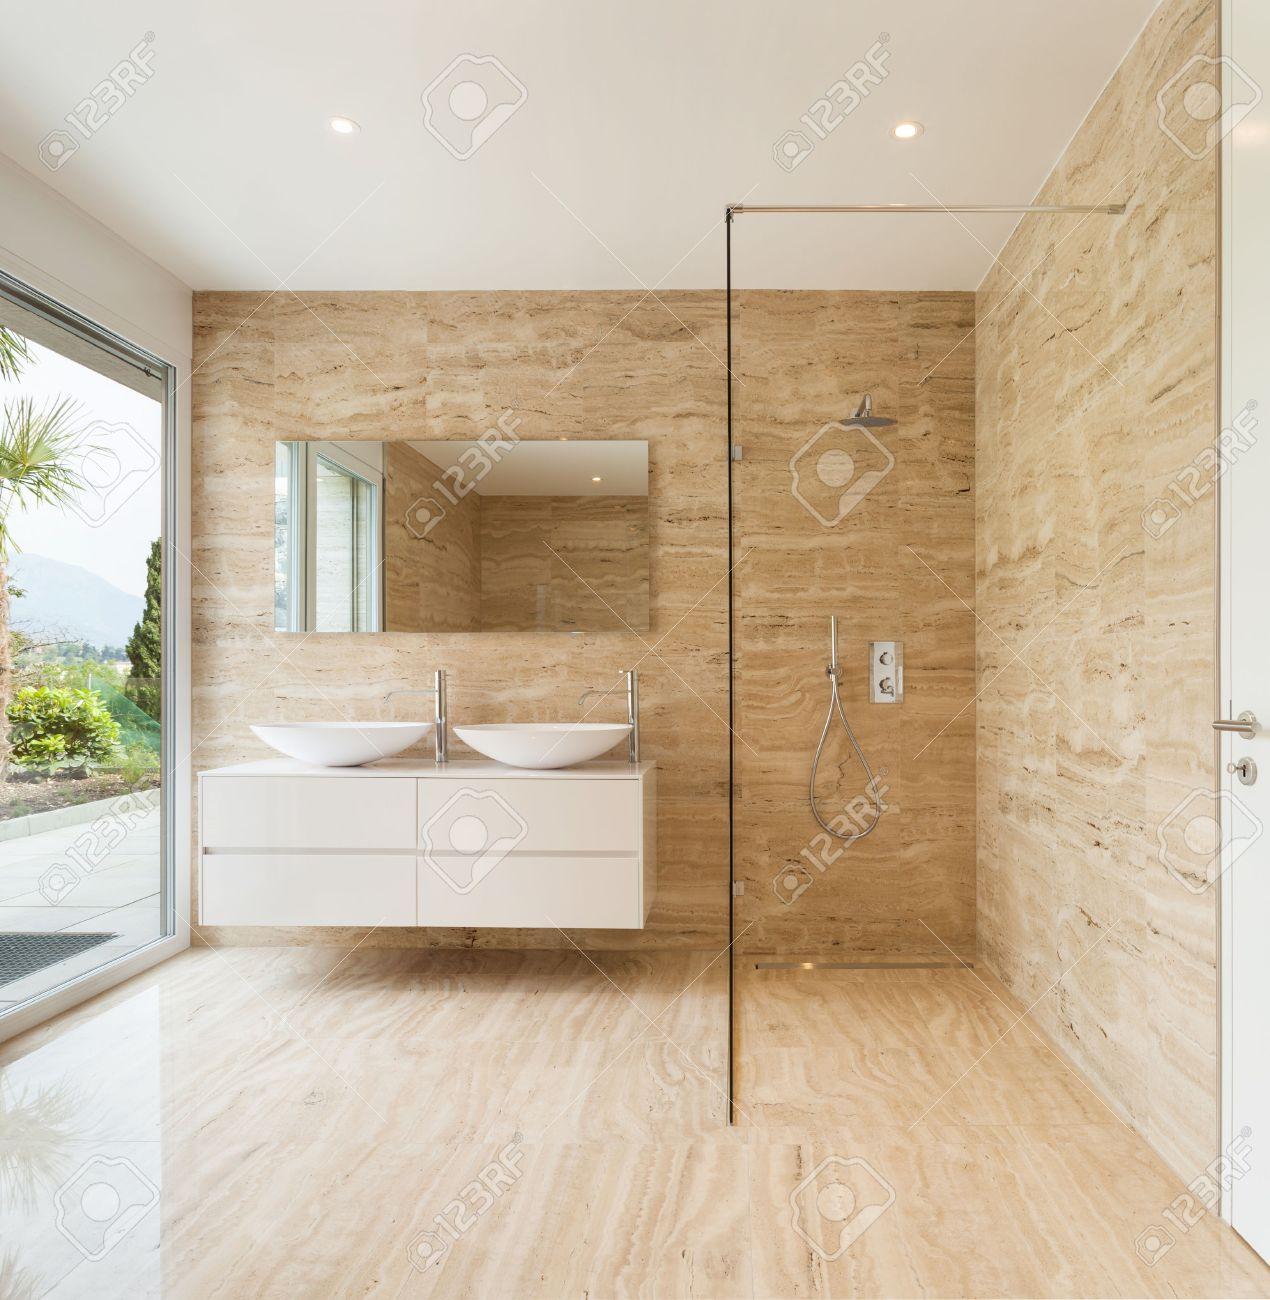 bel bagno moderno per morire pareti di marmo foto royalty free ... - Bagni Moderni Beige